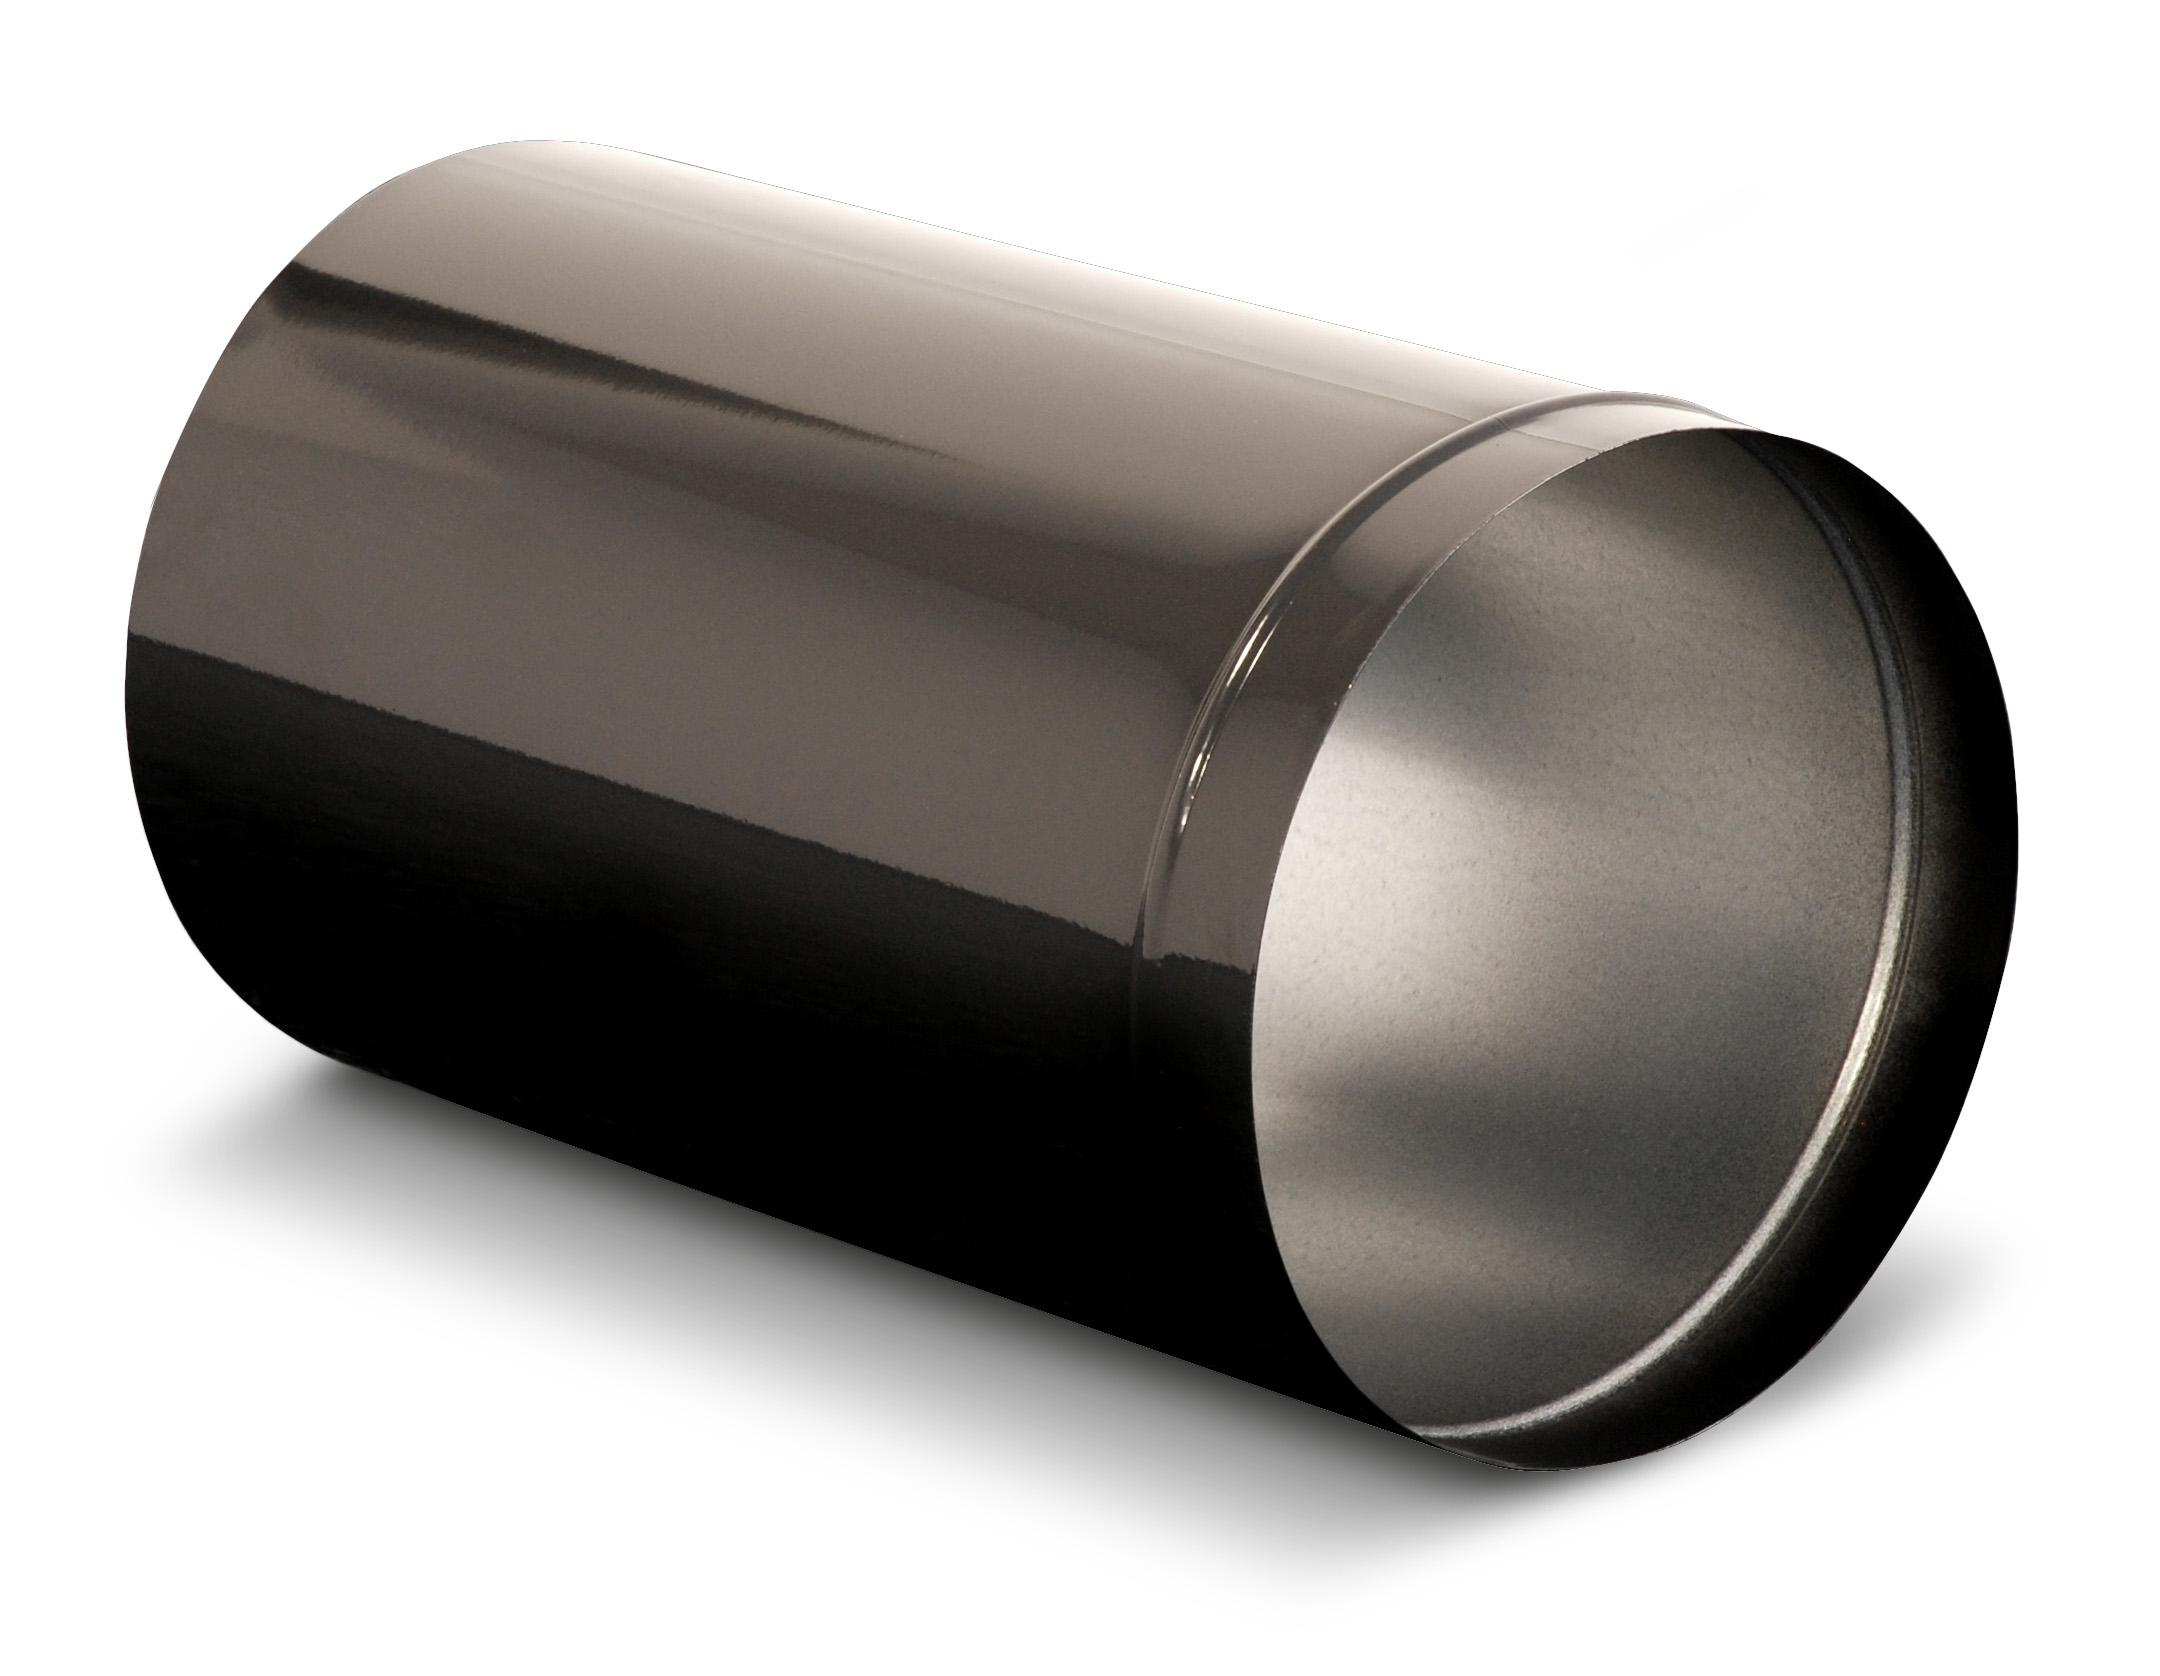 REMKO Schlauchanschlussstück für Warmluftschlauch Ø 305mm